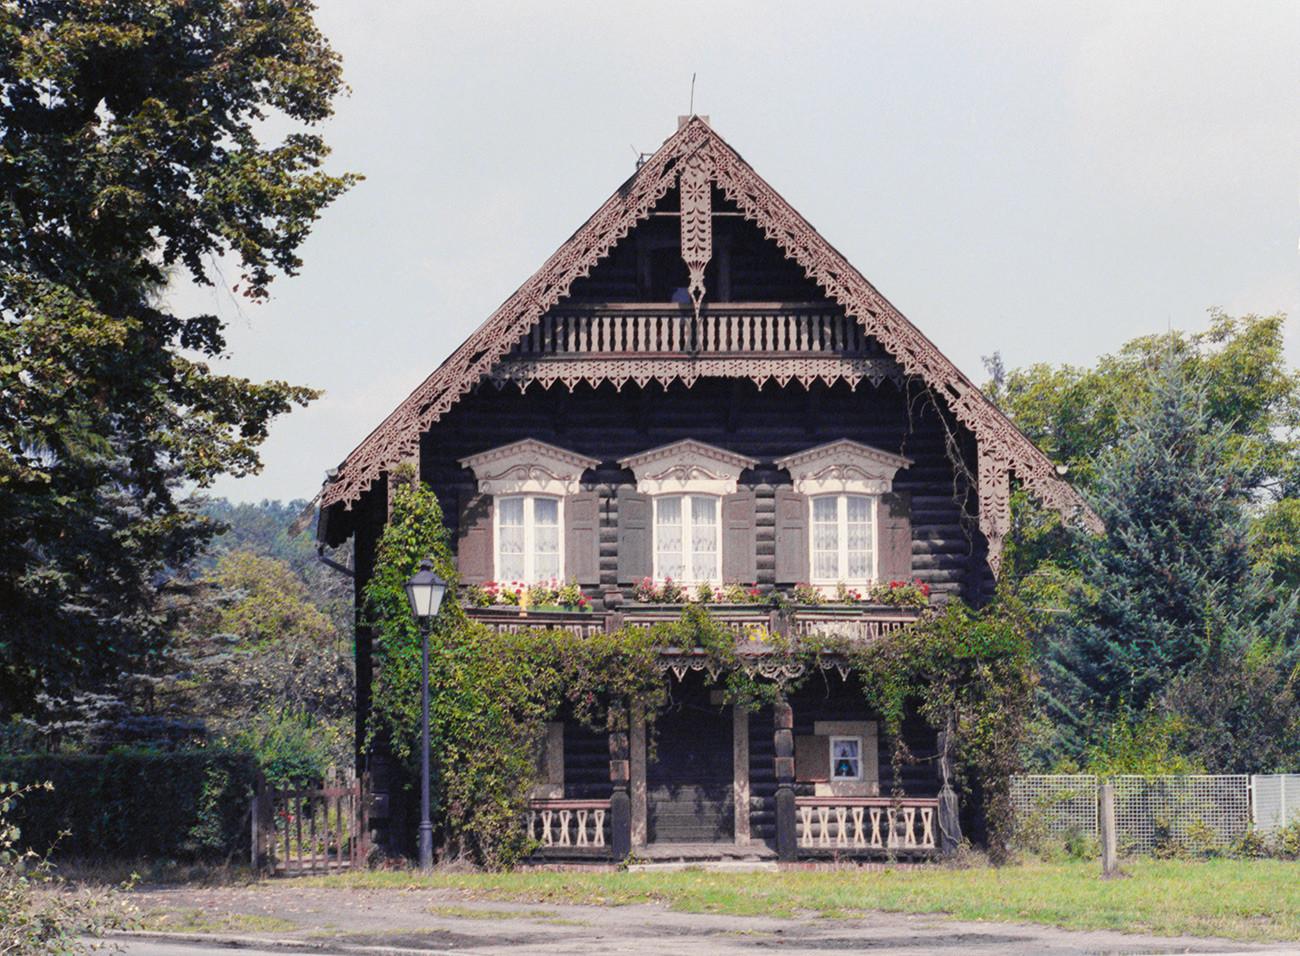 ロシアの村、アレクサンドロフカ